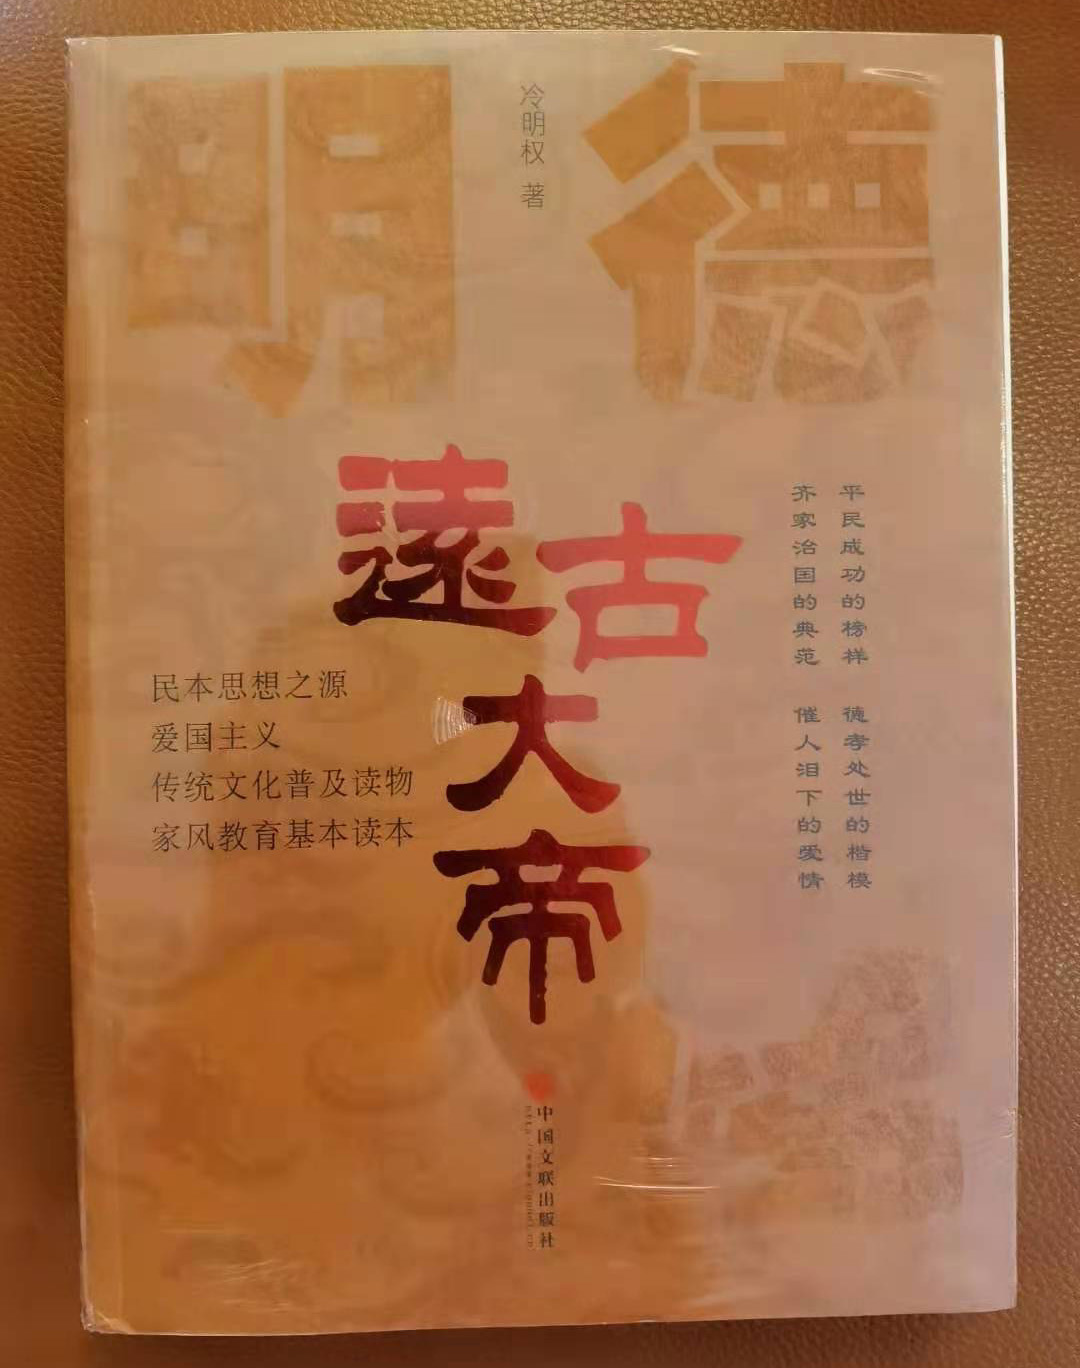 冷明权先生讲解《尧舜禹时代与中华民族文明的起源》